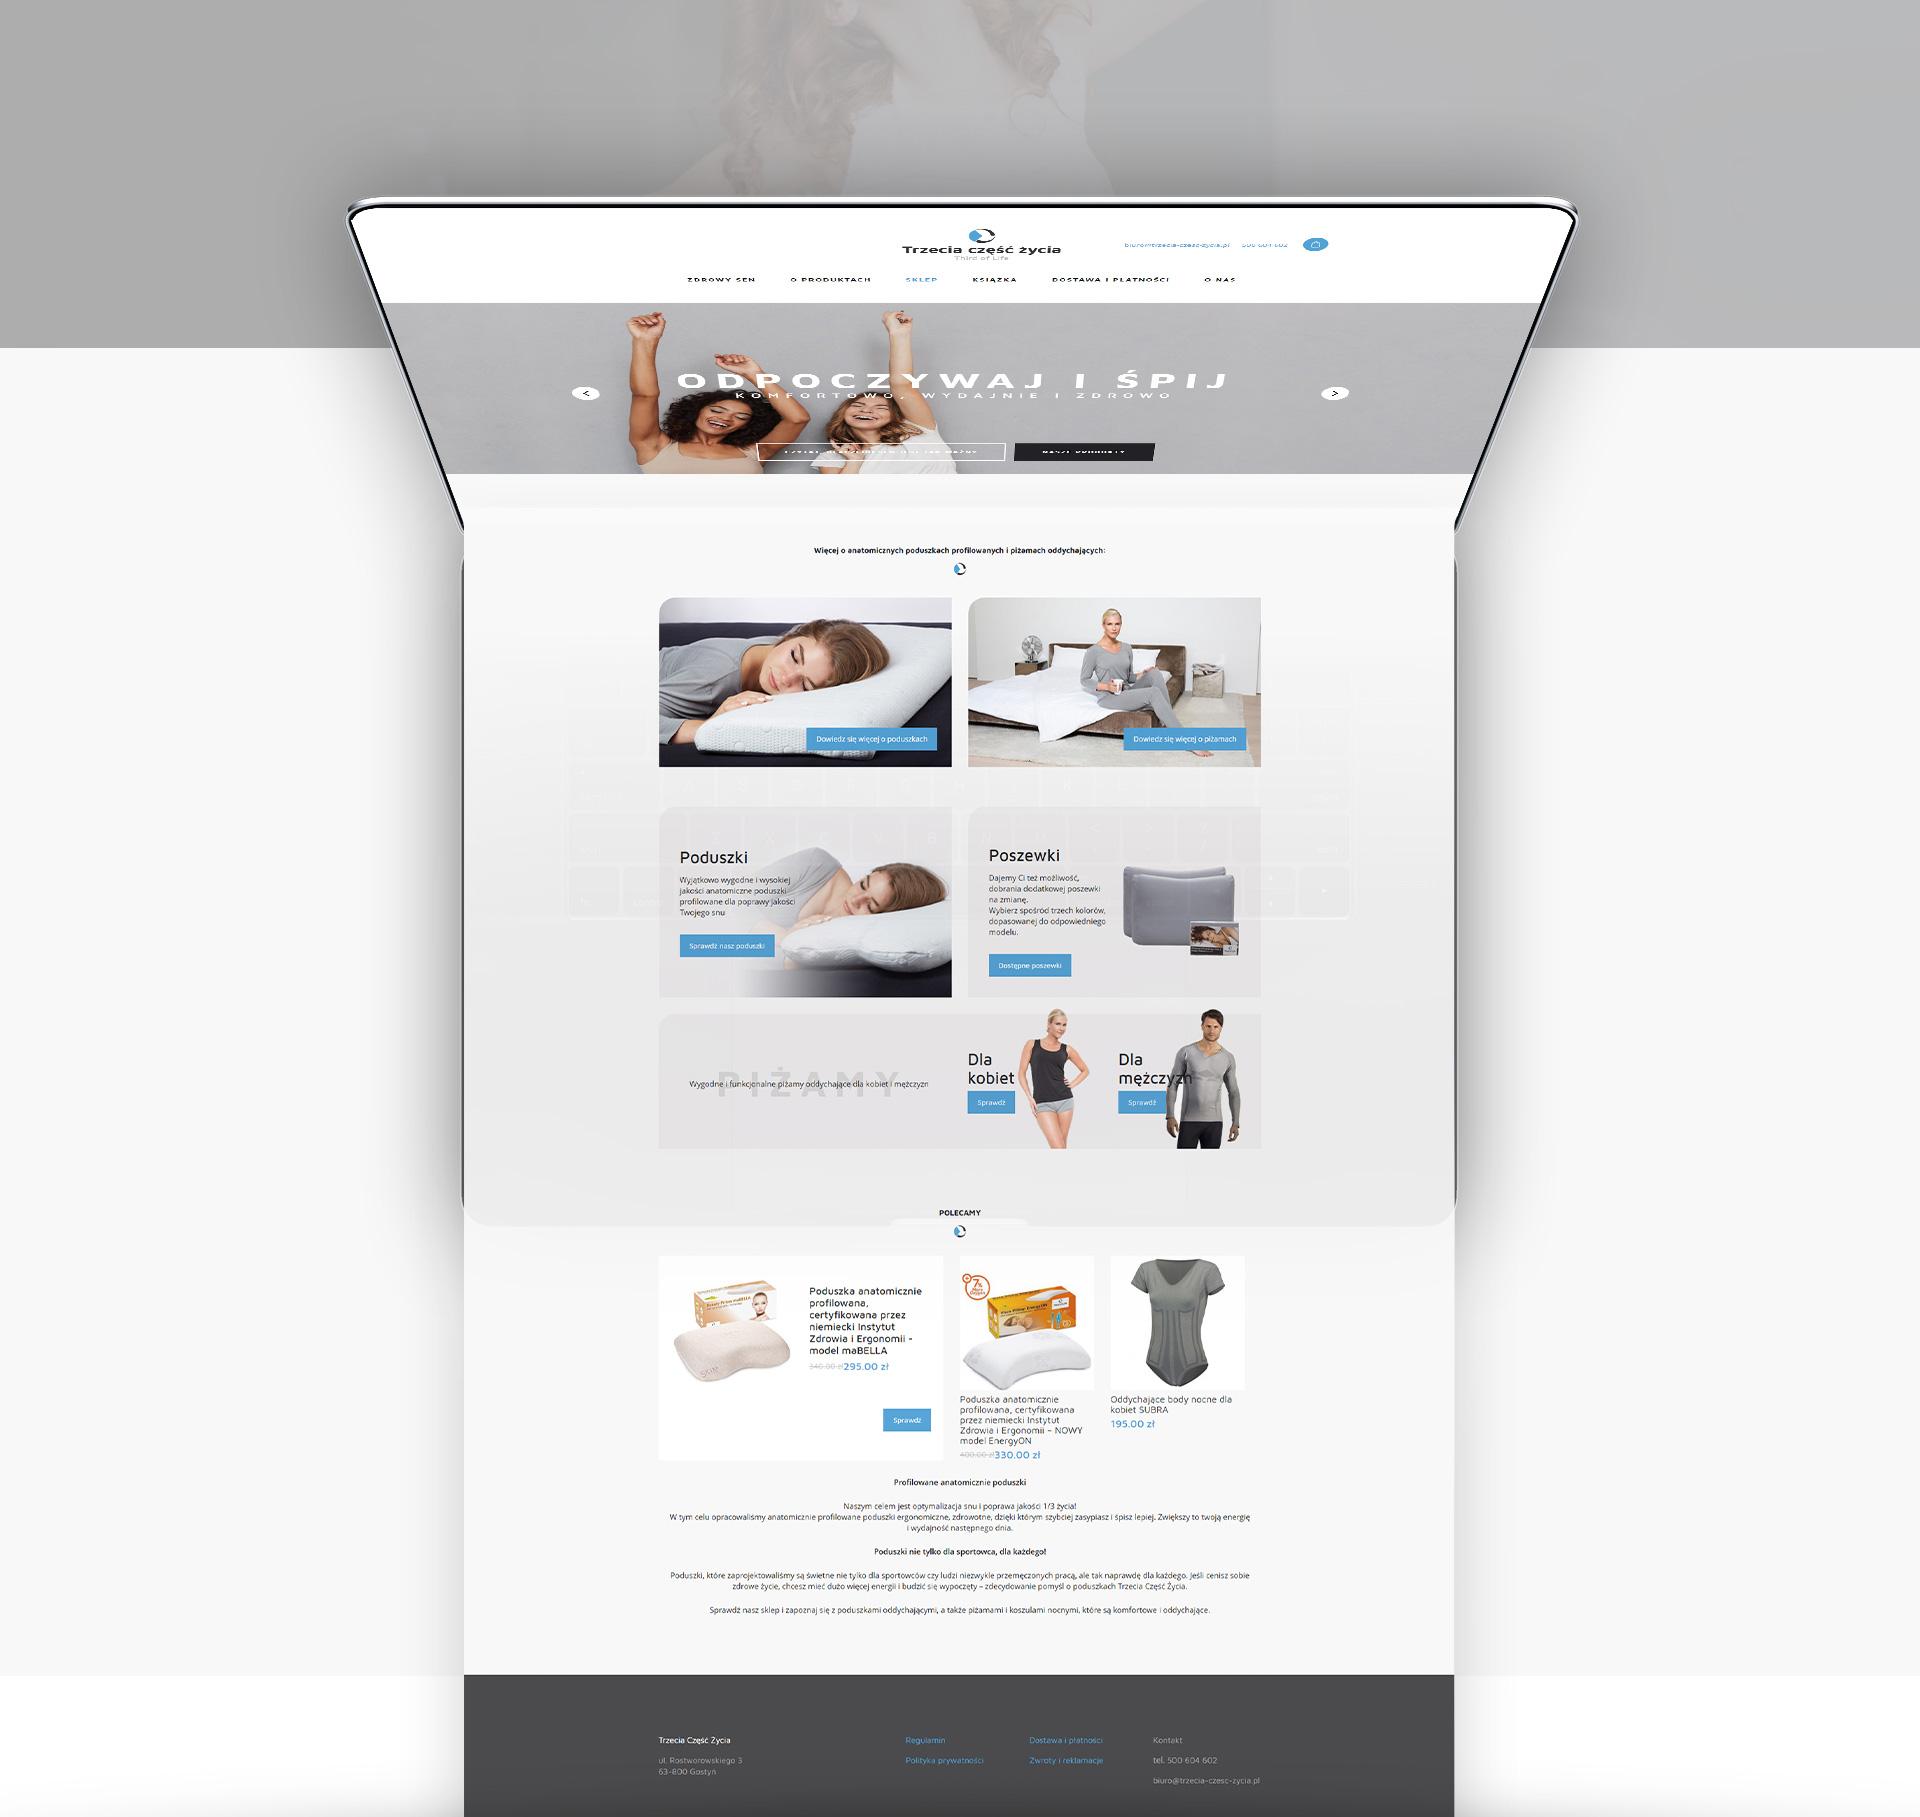 sklep internetowy gostyń trzecia część życia poduszki ortopedyczne